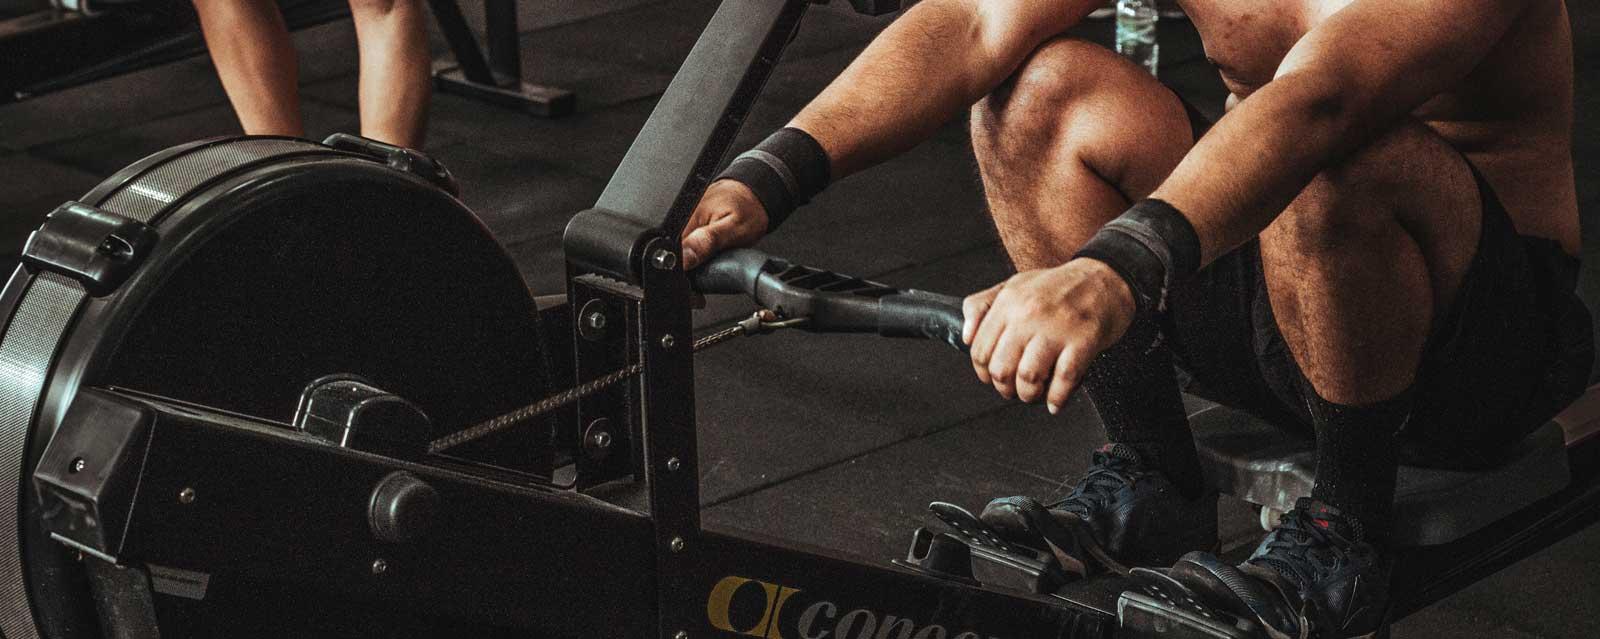 mejora tu resistencia muscular mejora tu estilo de vida